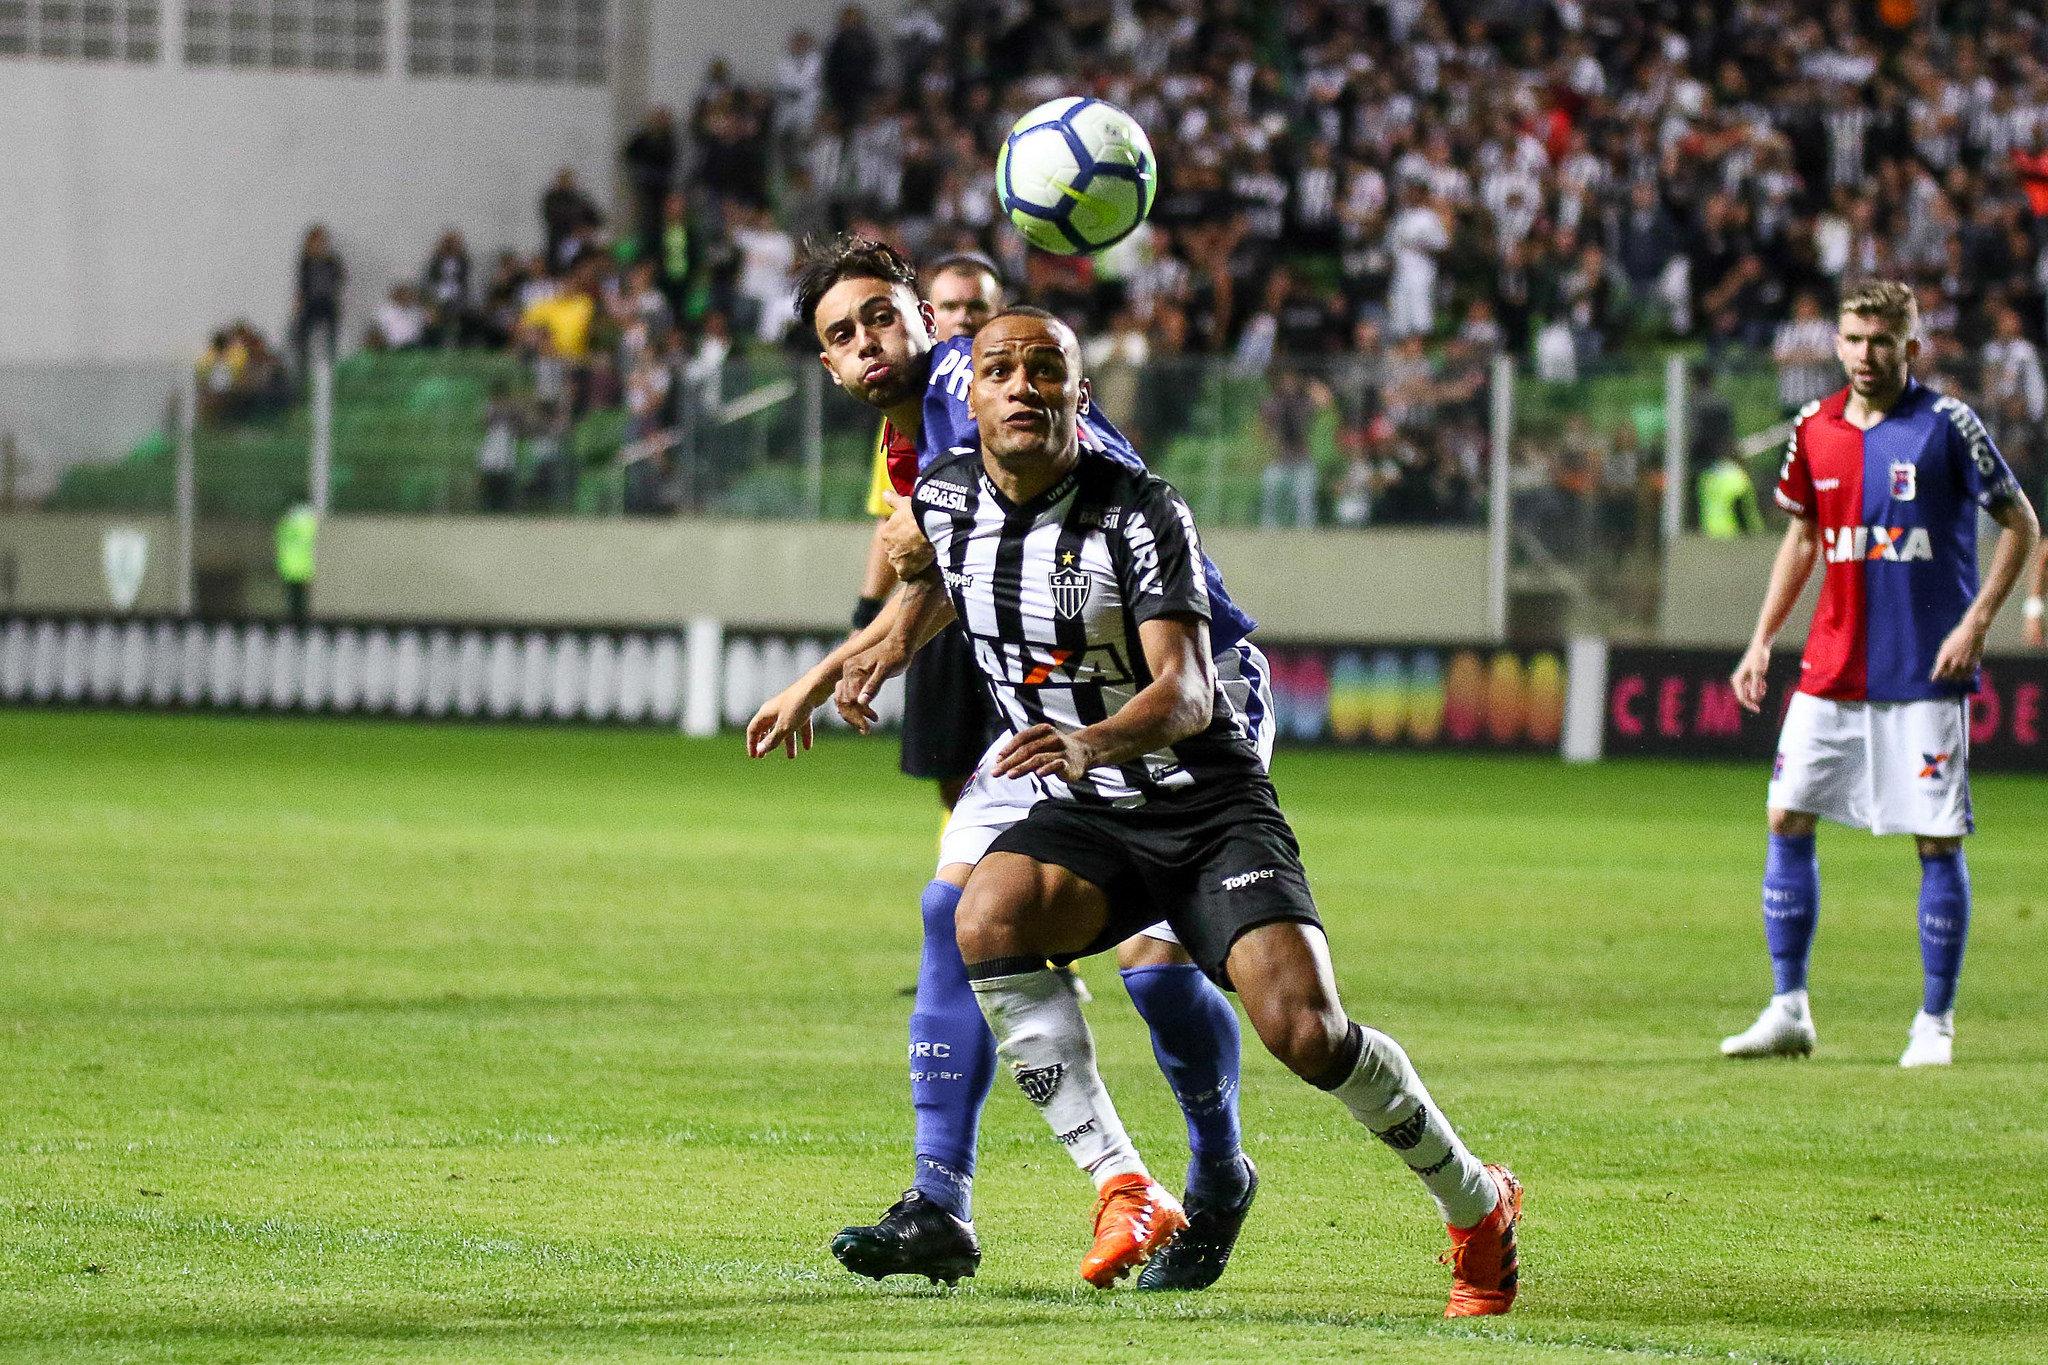 Patric valoriza vitória sem sofrer gols do Galo e projeta duelo com antigo rival